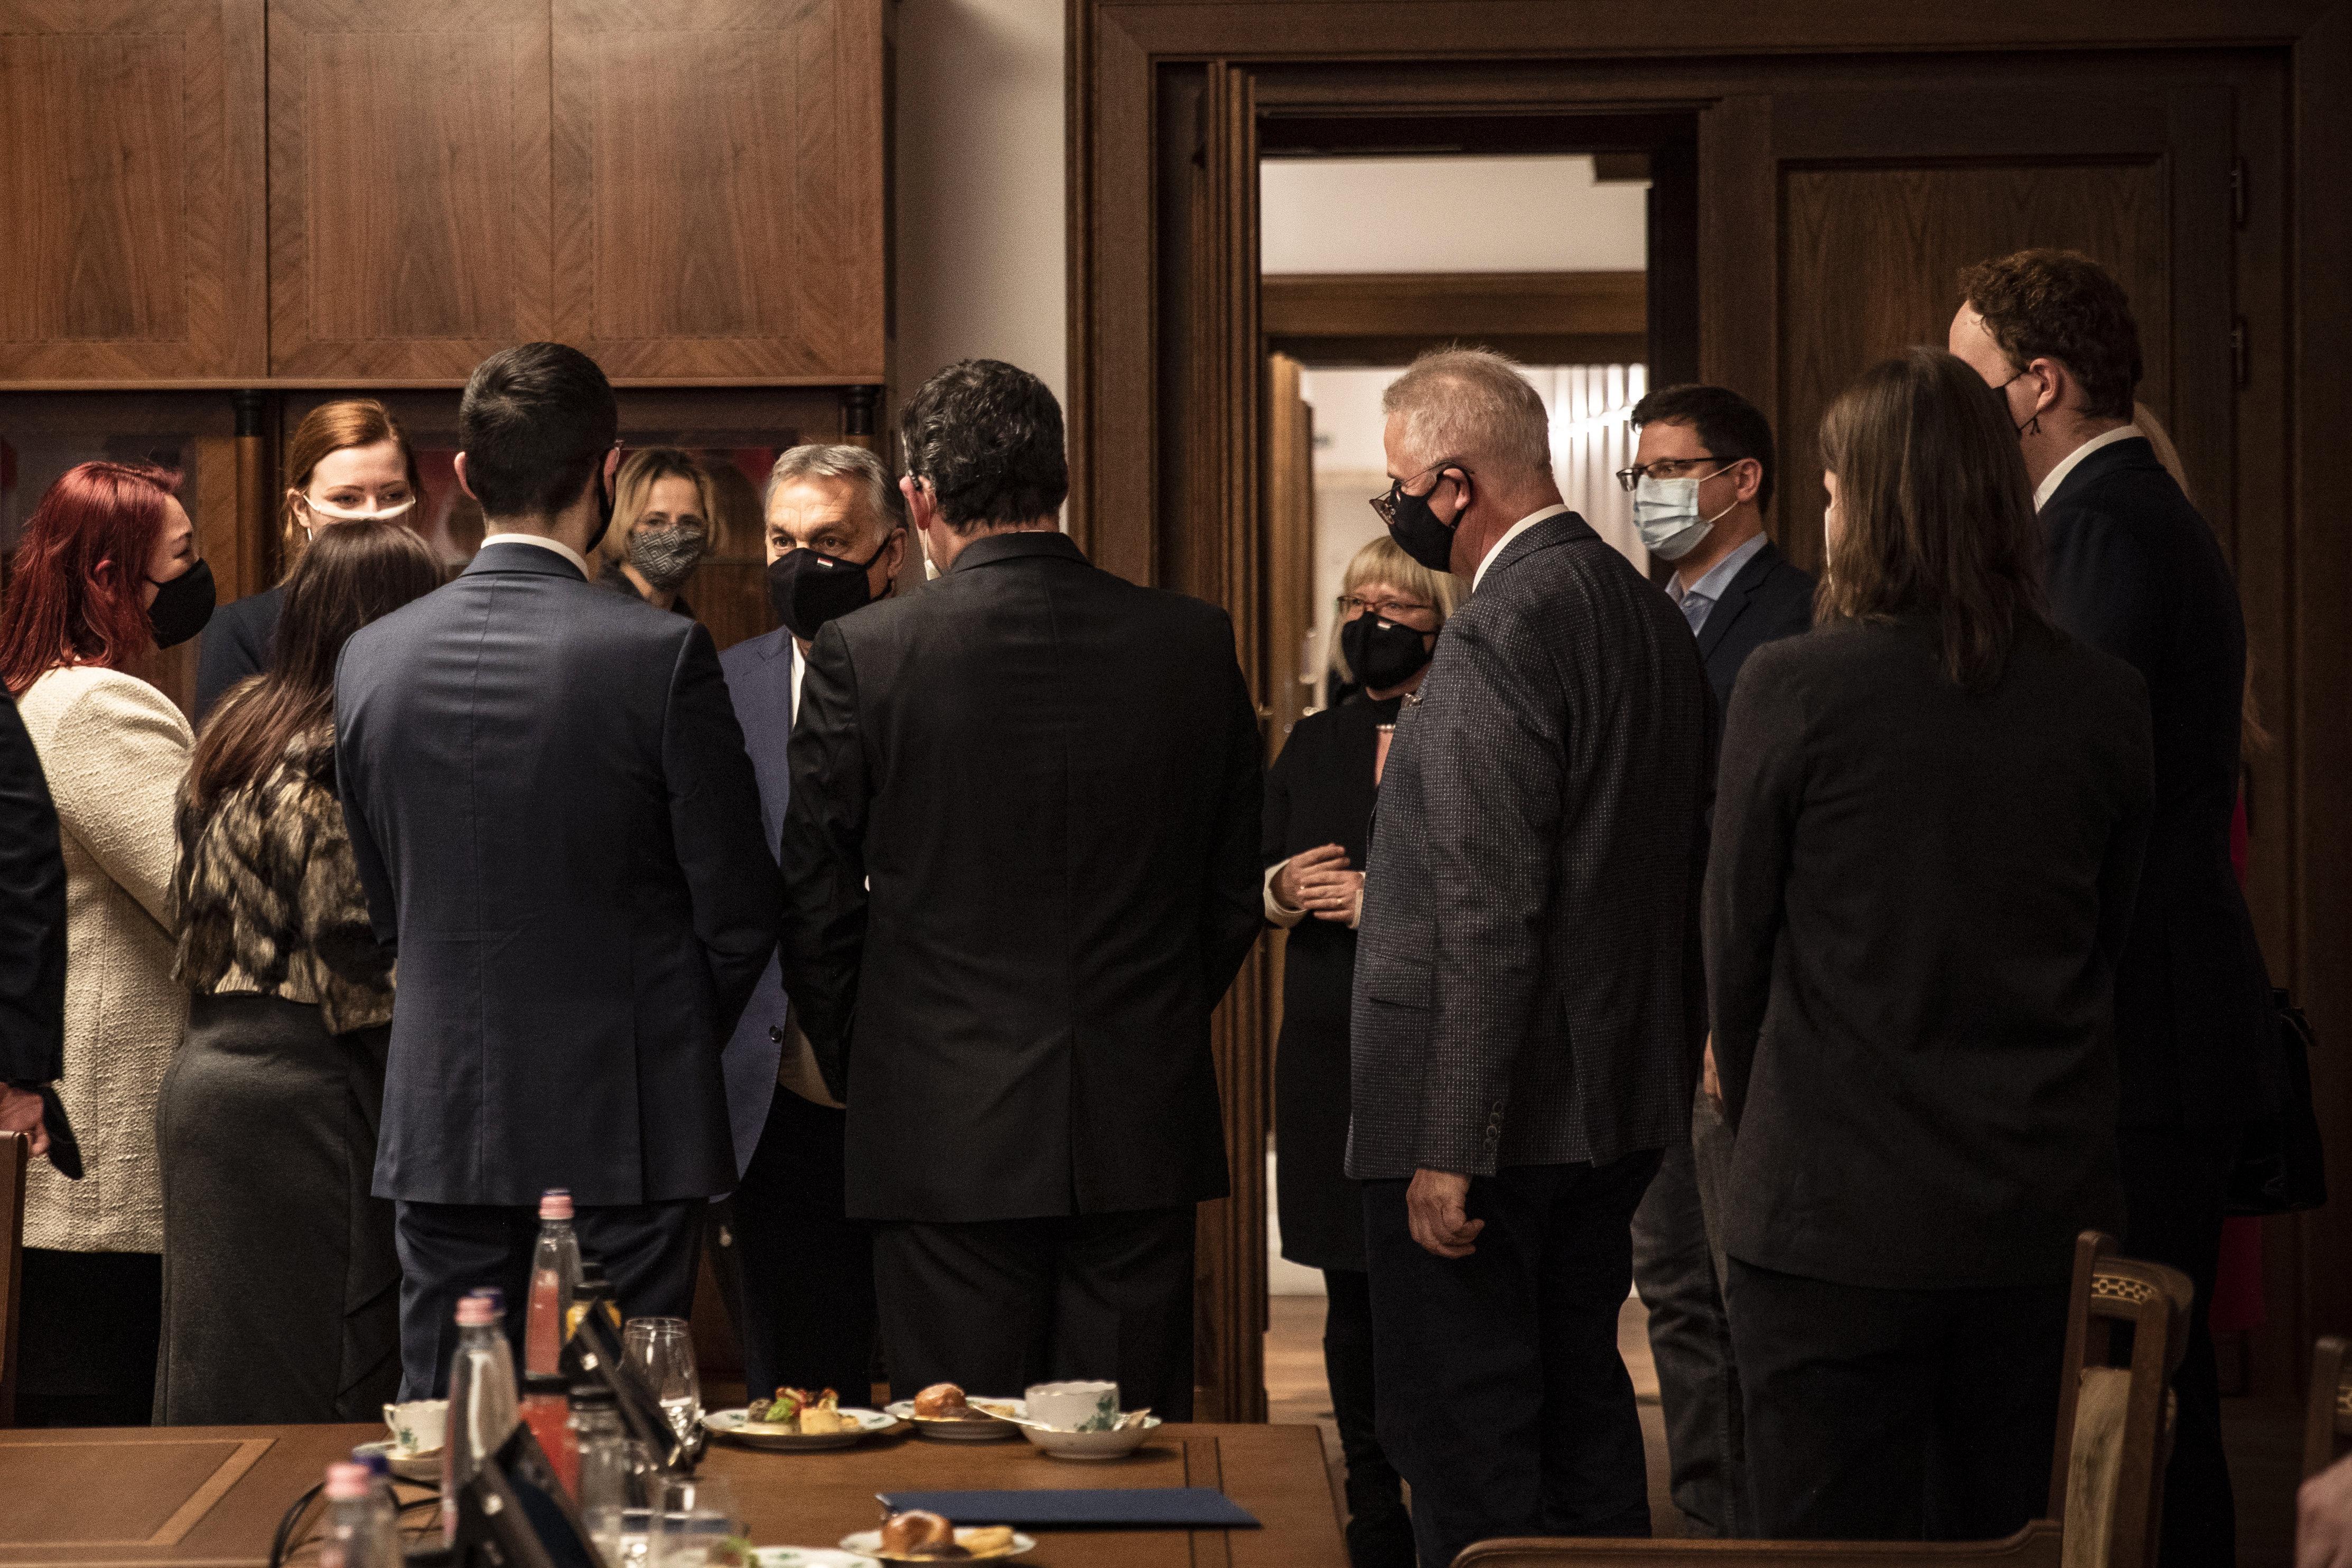 Orbán eligazítást tartott a Fidesz EP-képviselőinek: 2021-ben is éles politikai viták várhatók az EU-ban